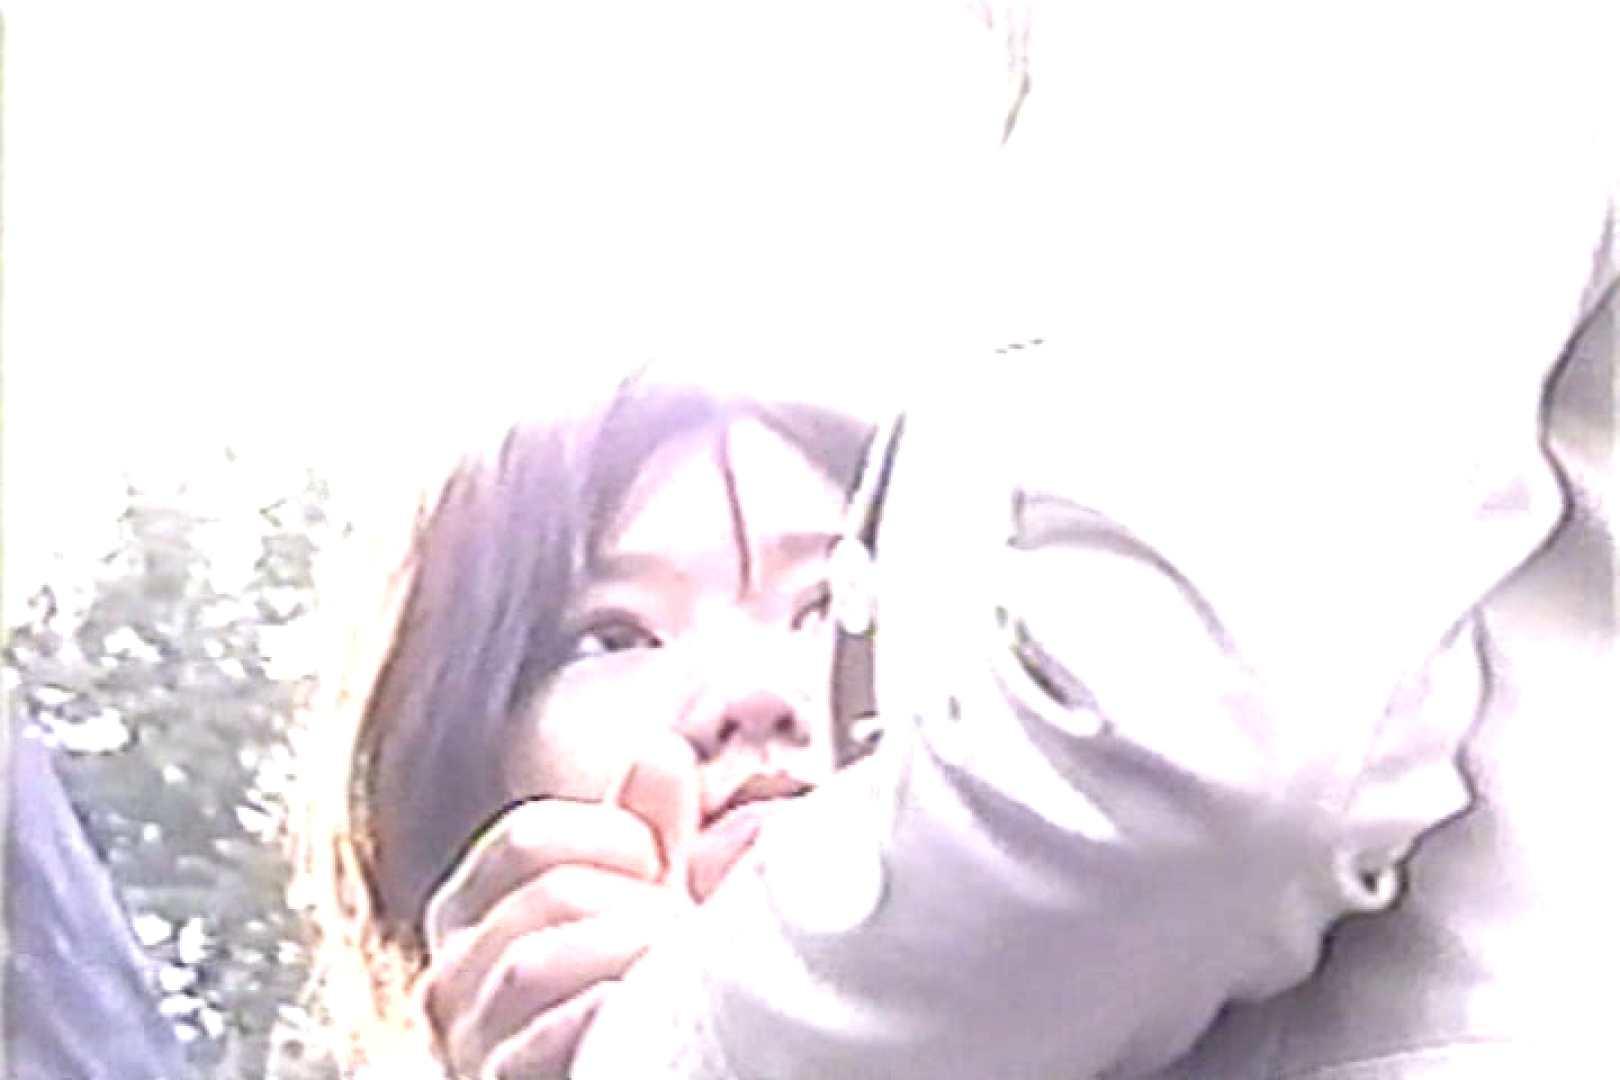 「ちくりん」さんのオリジナル未編集パンチラVol.2_02 OLヌード天国 AV動画キャプチャ 84PIX 22